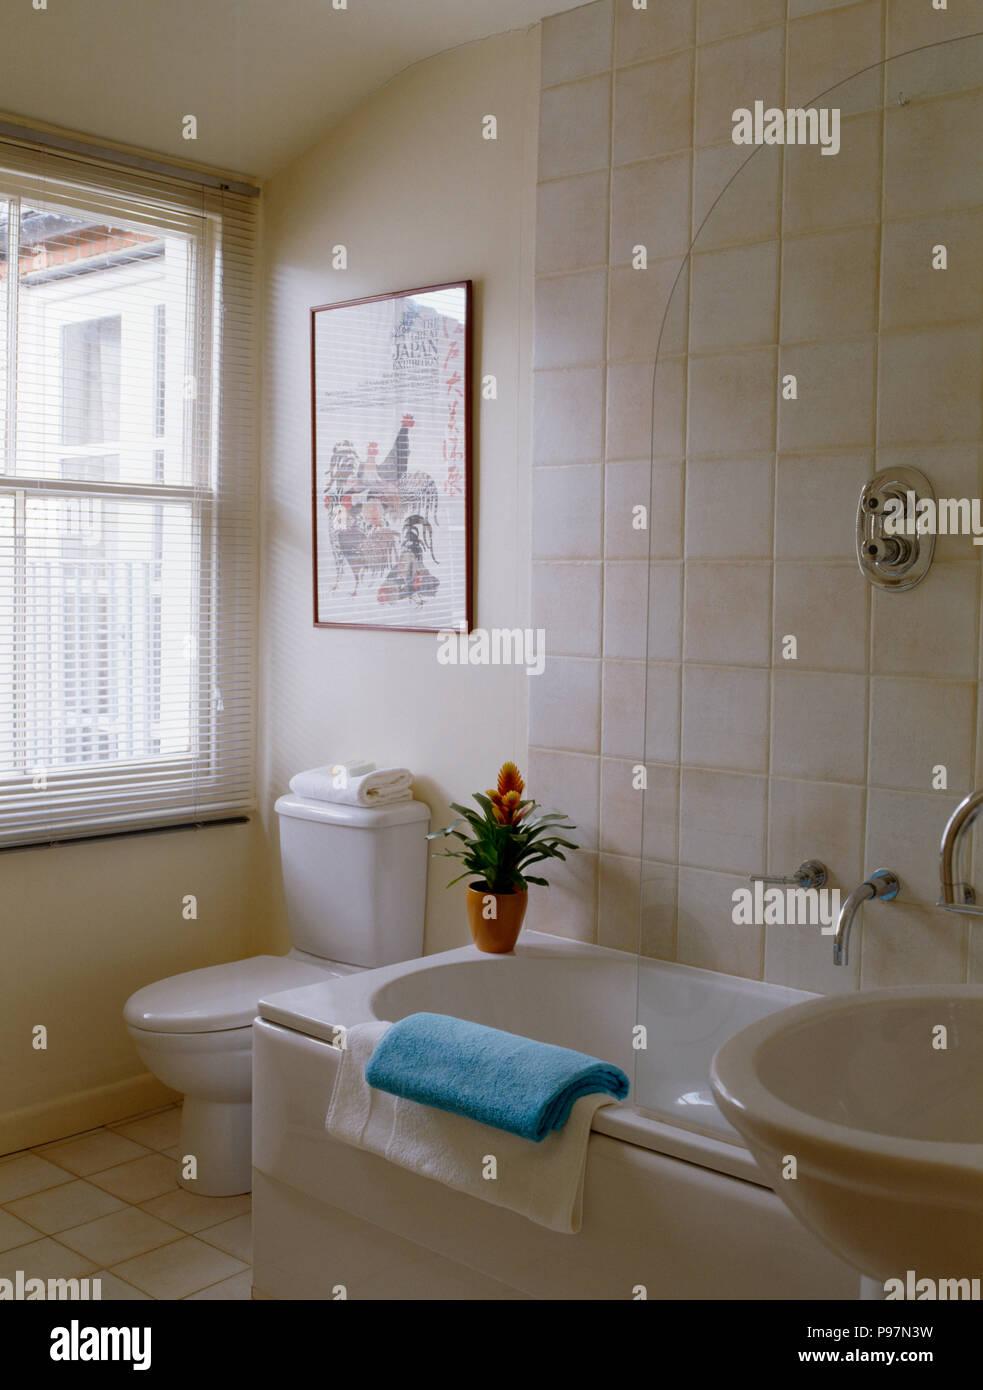 Kleines Badezimmer mit Dusche im Bad aus Glas Stockfoto ...